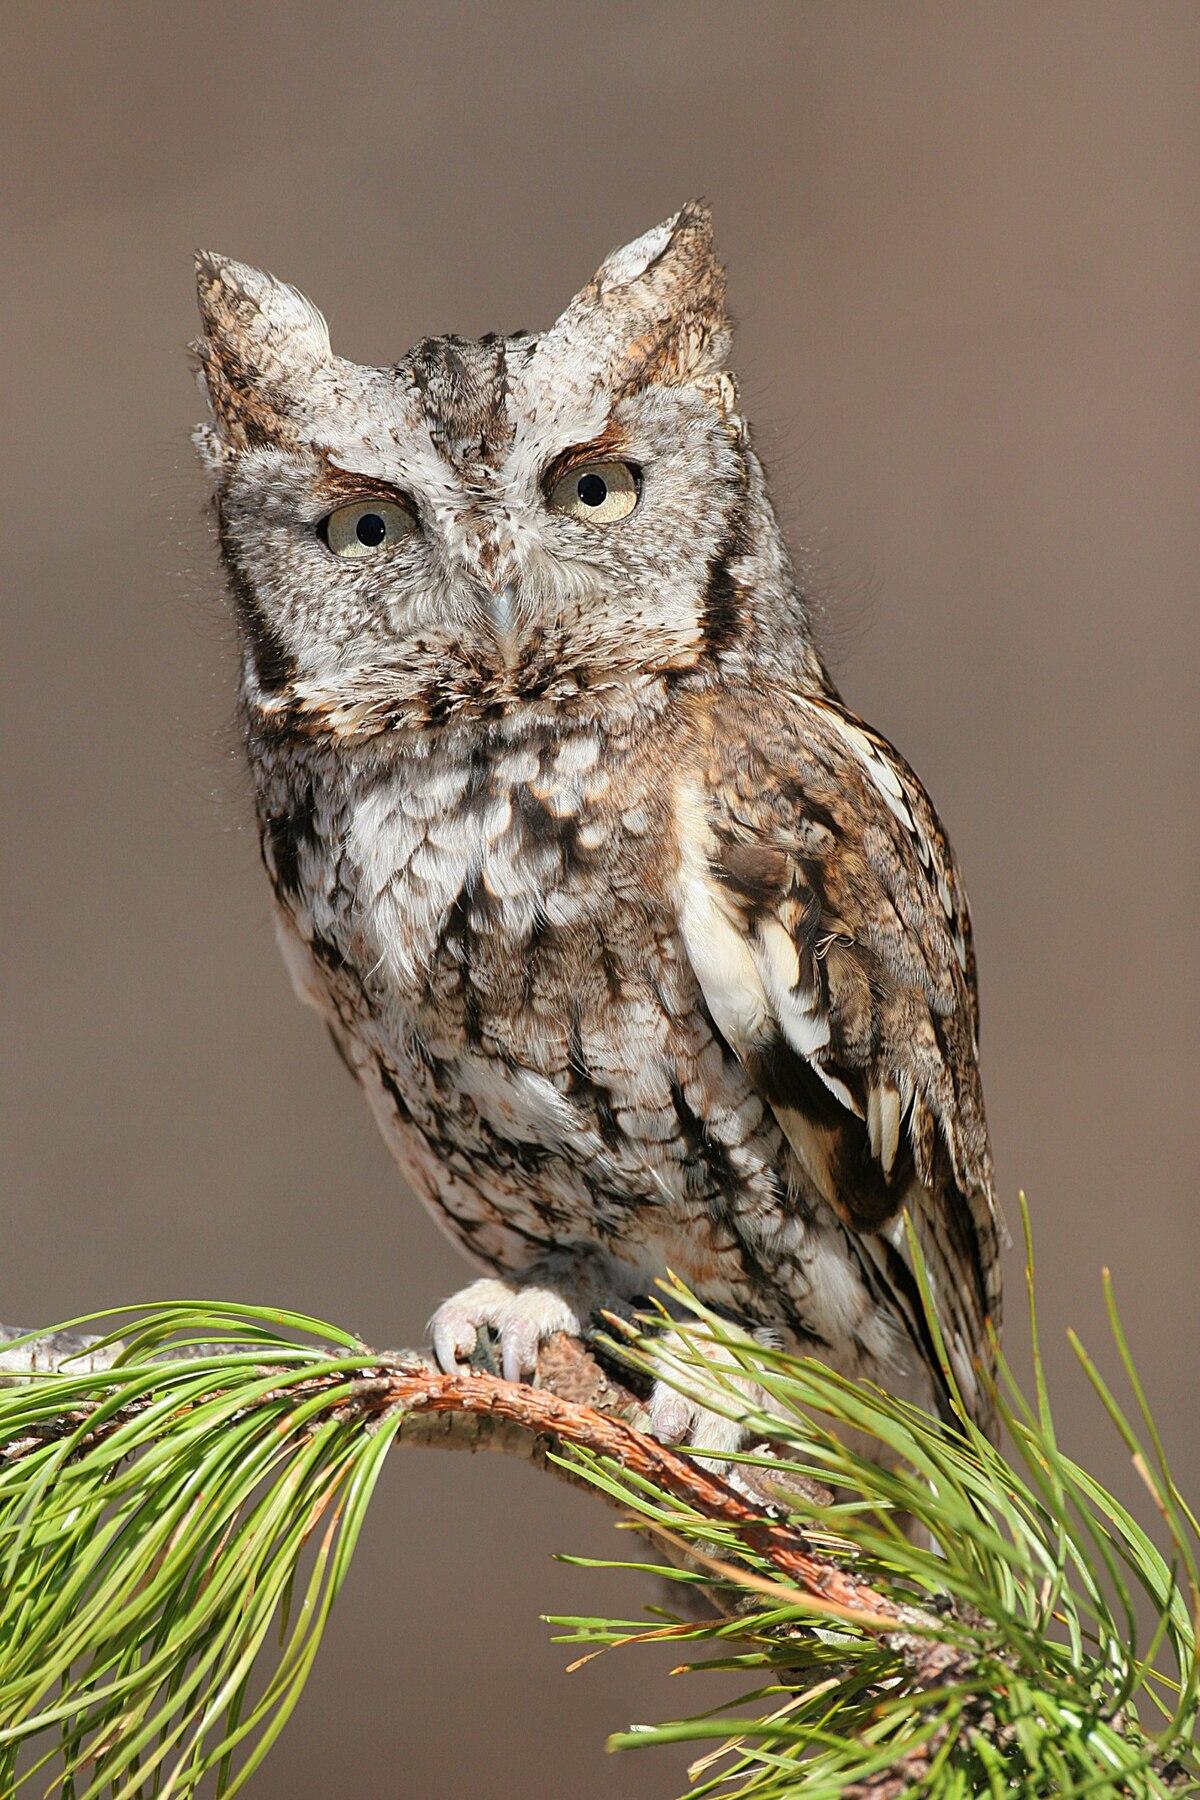 screech owl - Wiktionary